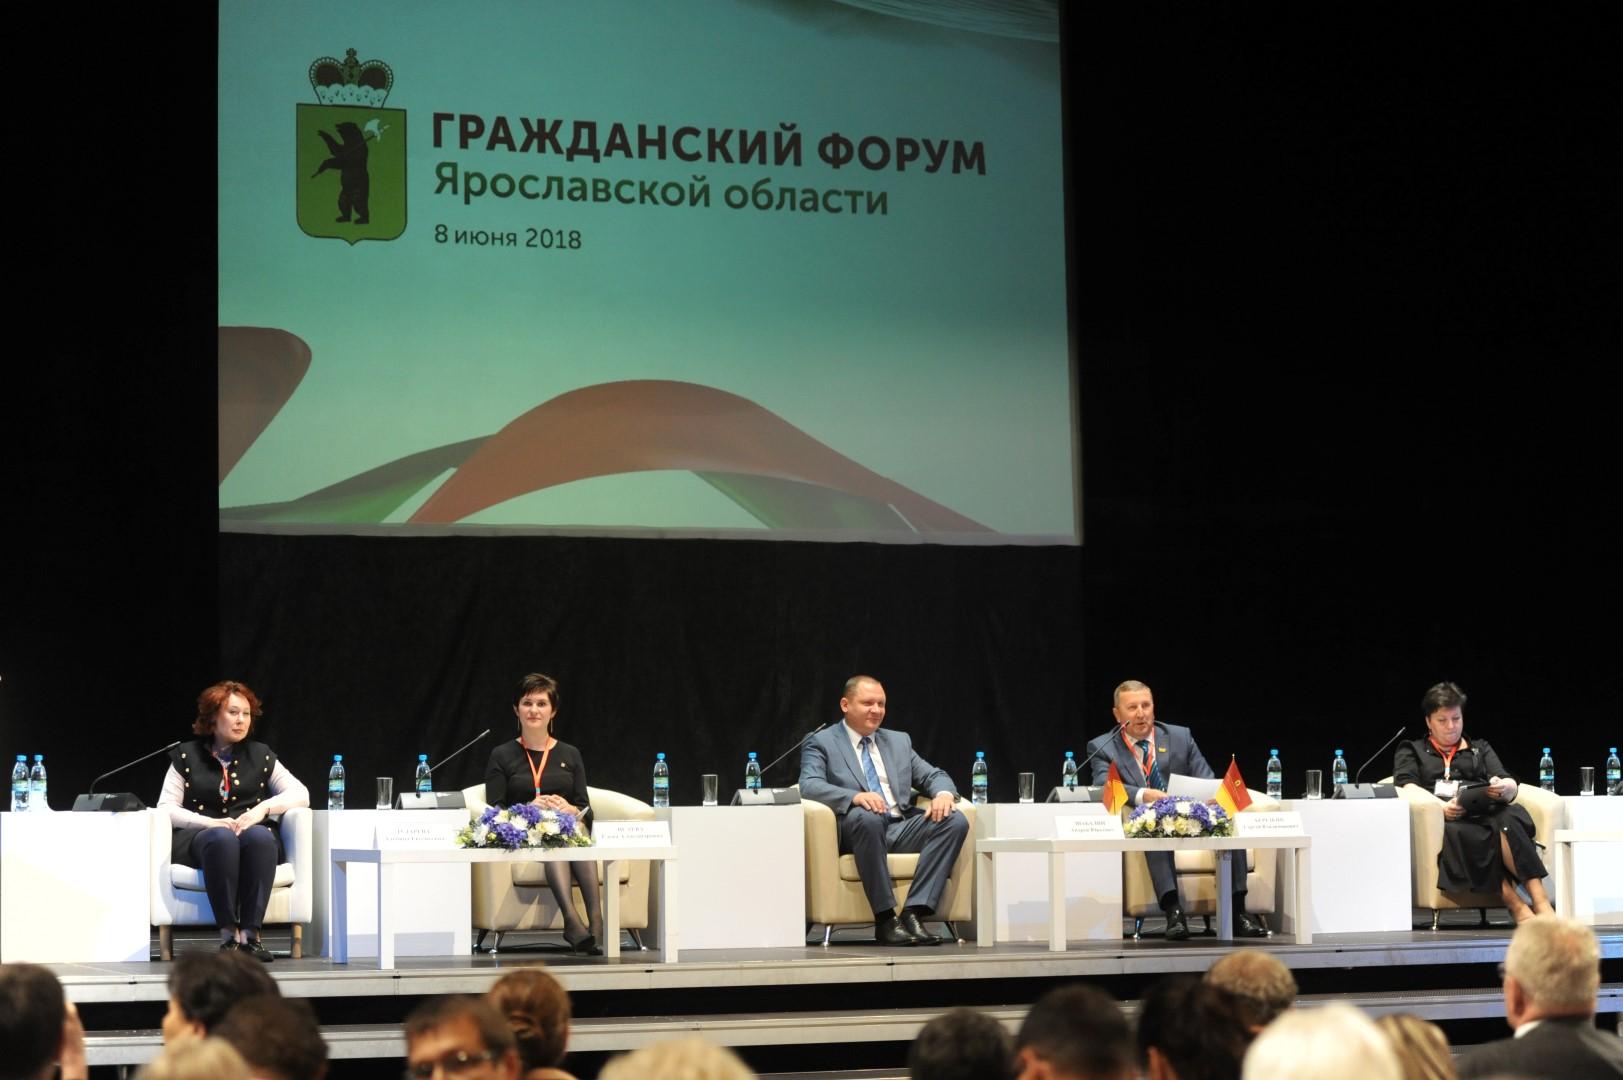 Светлана Маковецкая: «Важно, чтобы с бедностью боролось не только государство, но и объединения граждан»